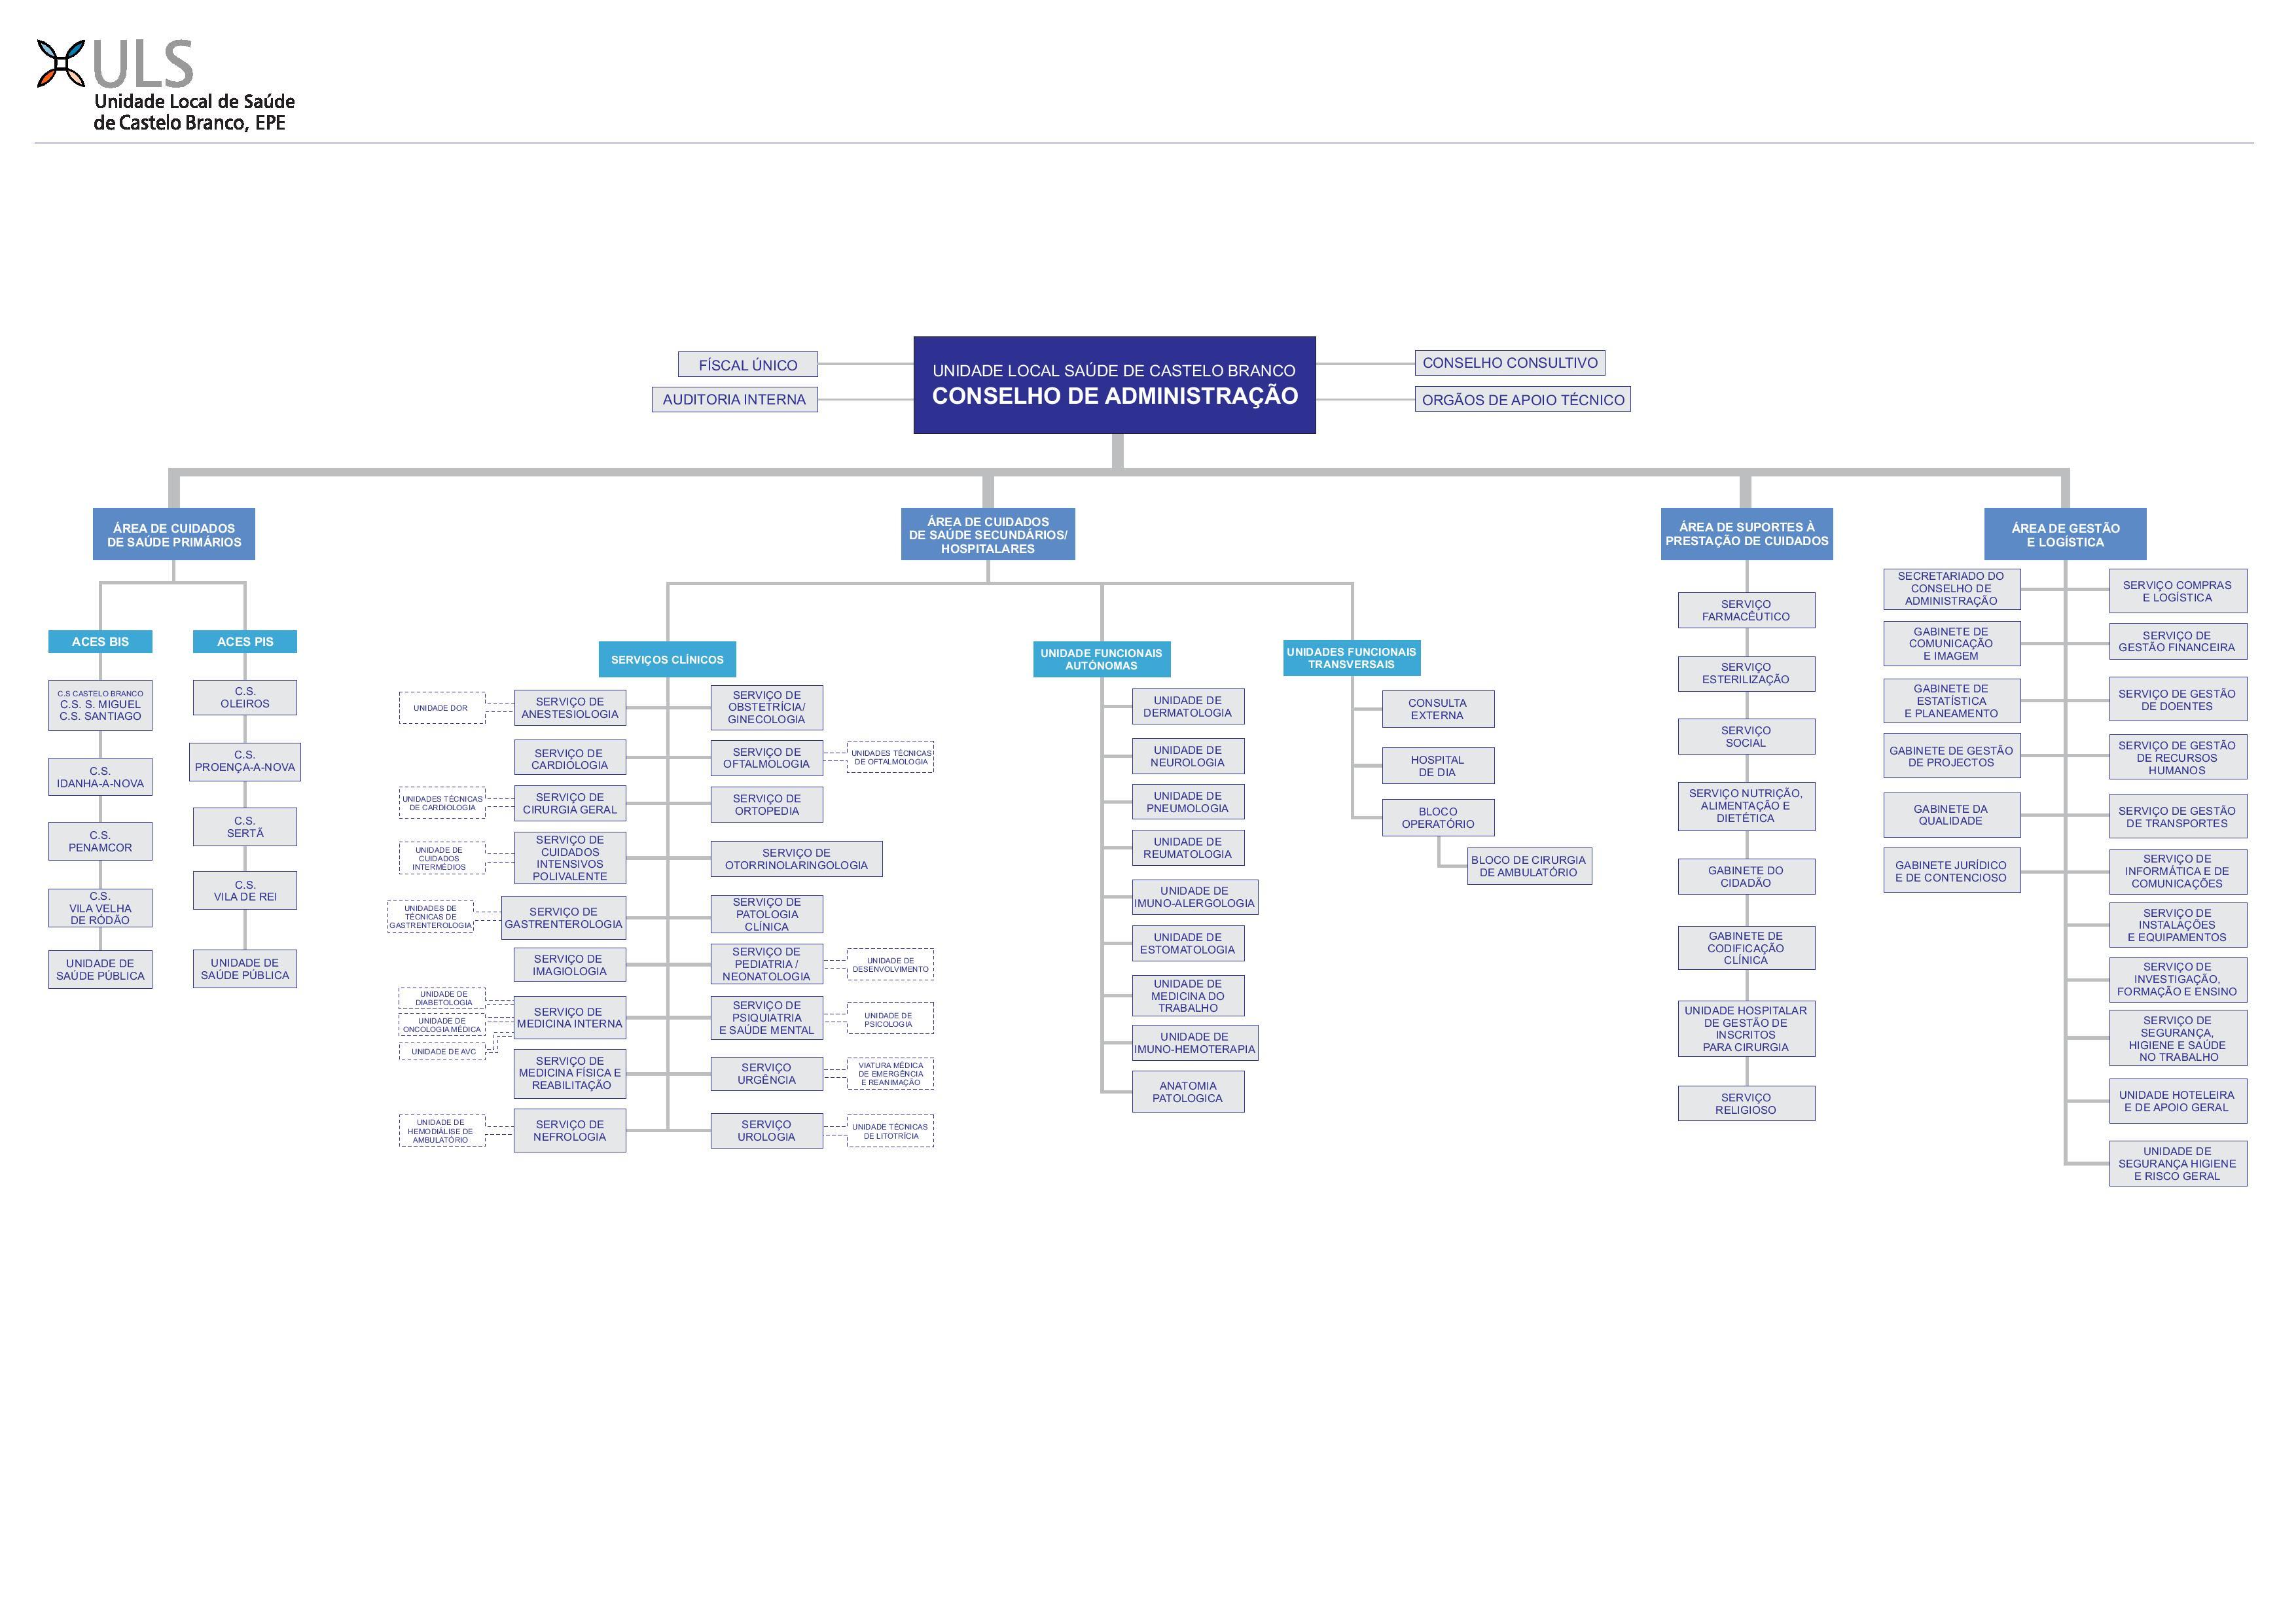 SNS_organograma_ULSCB-page-001